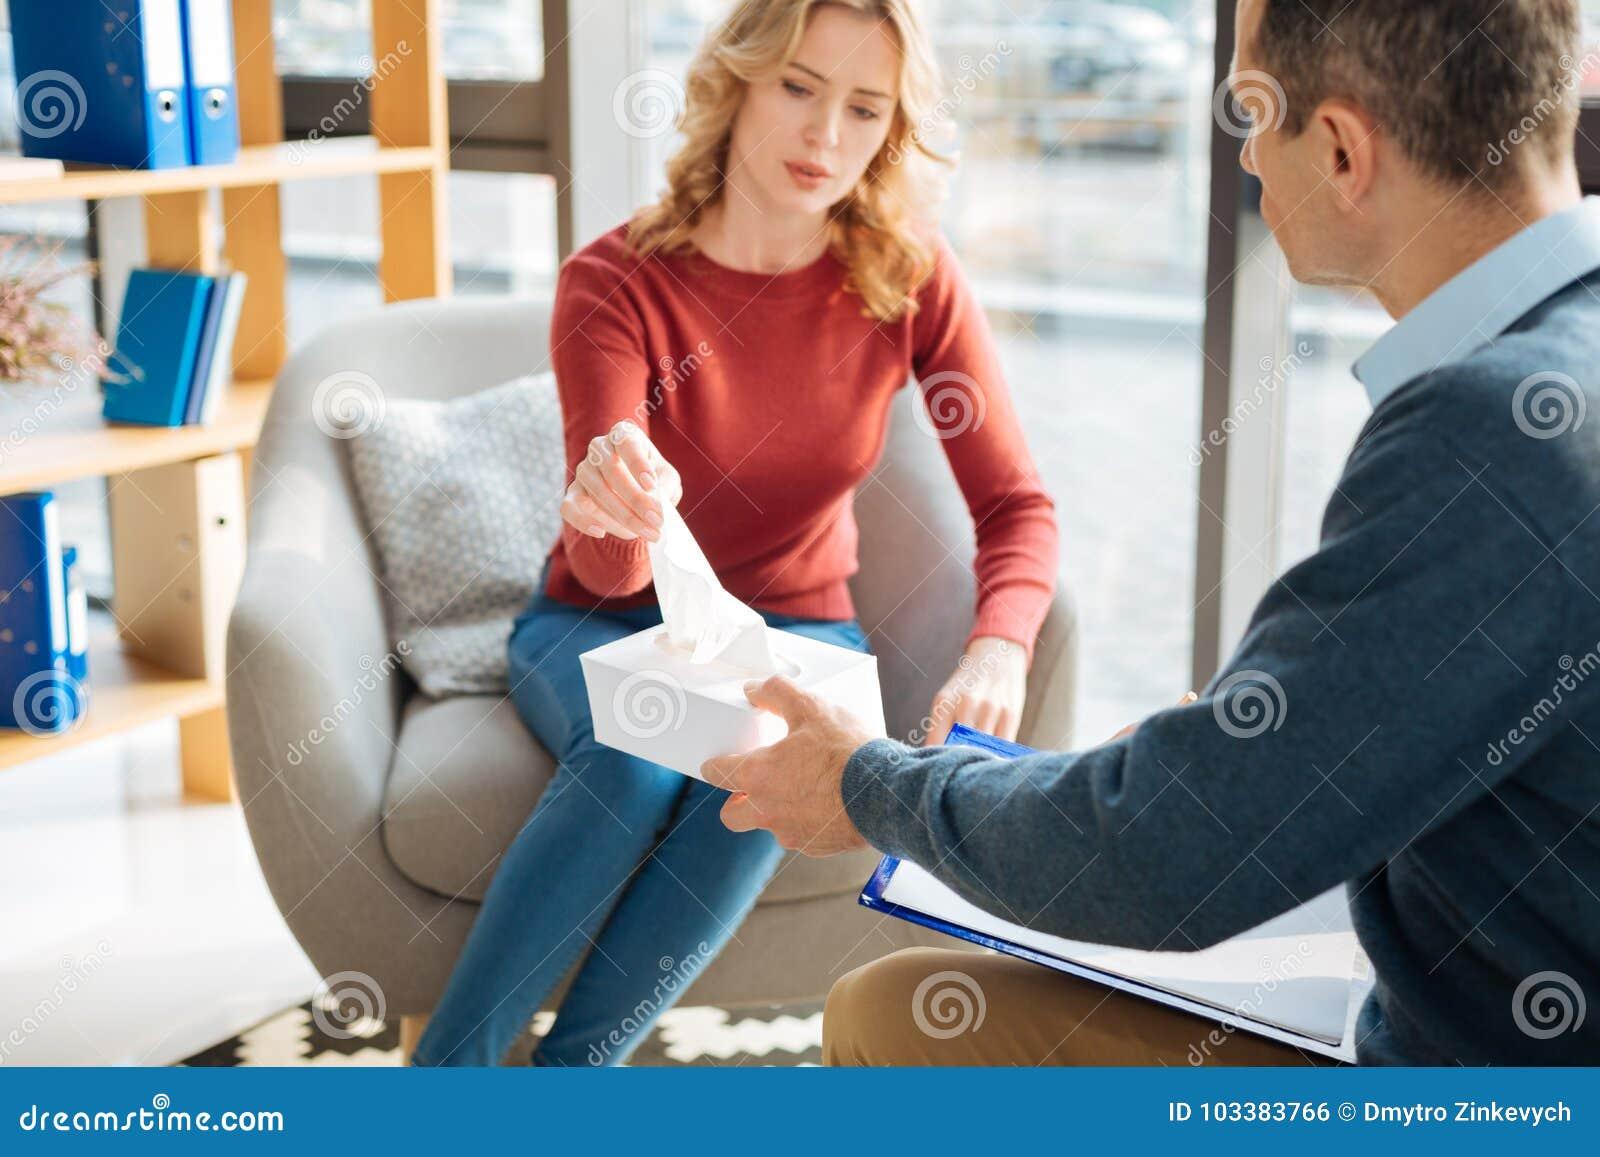 Traurige freudlose Frau, die ein Papiergewebe nimmt